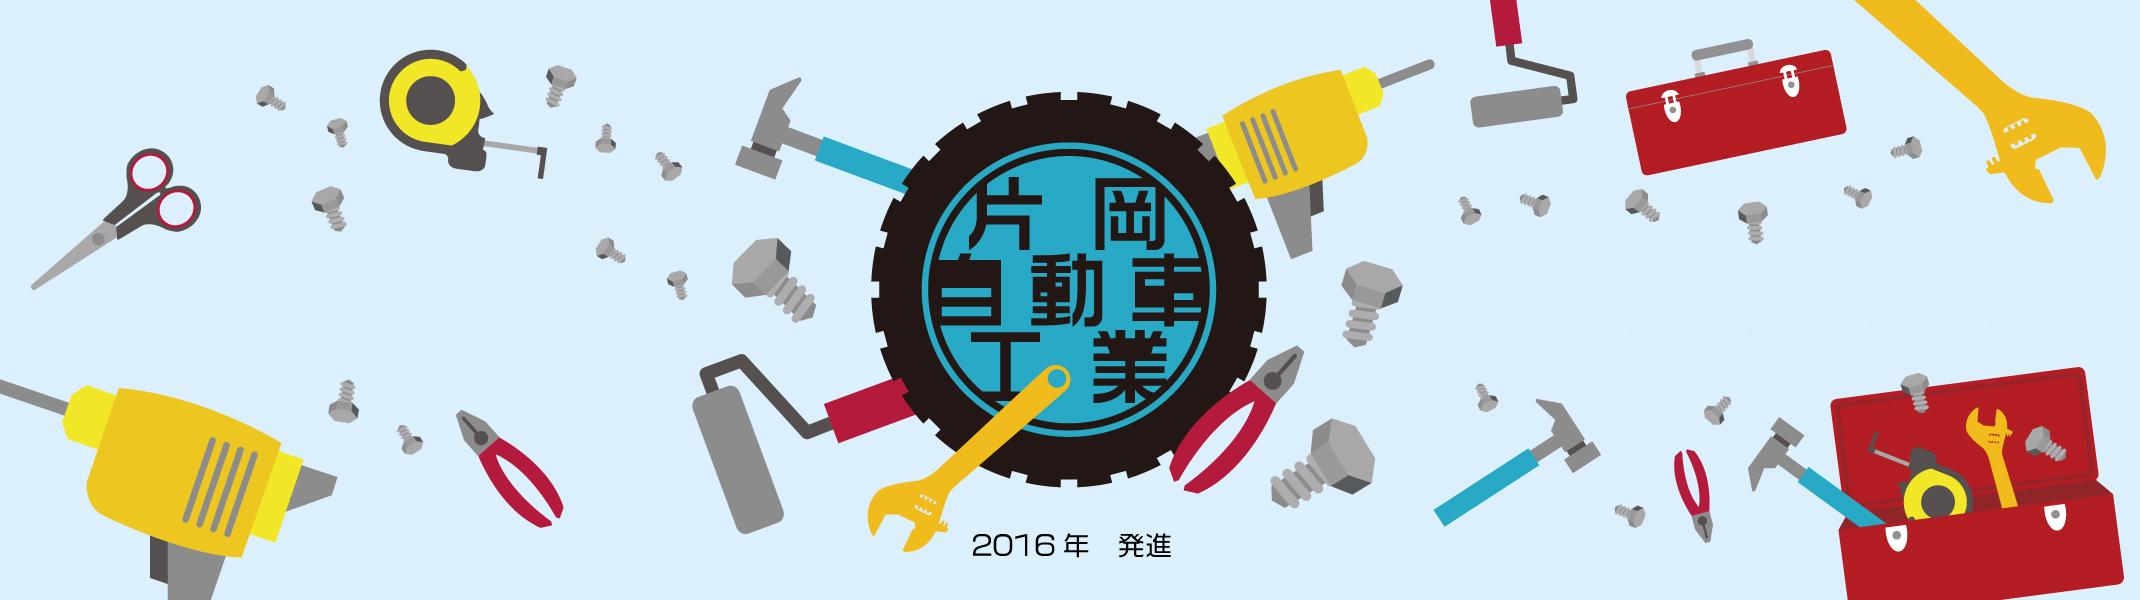 片岡自動車工業 公演記録